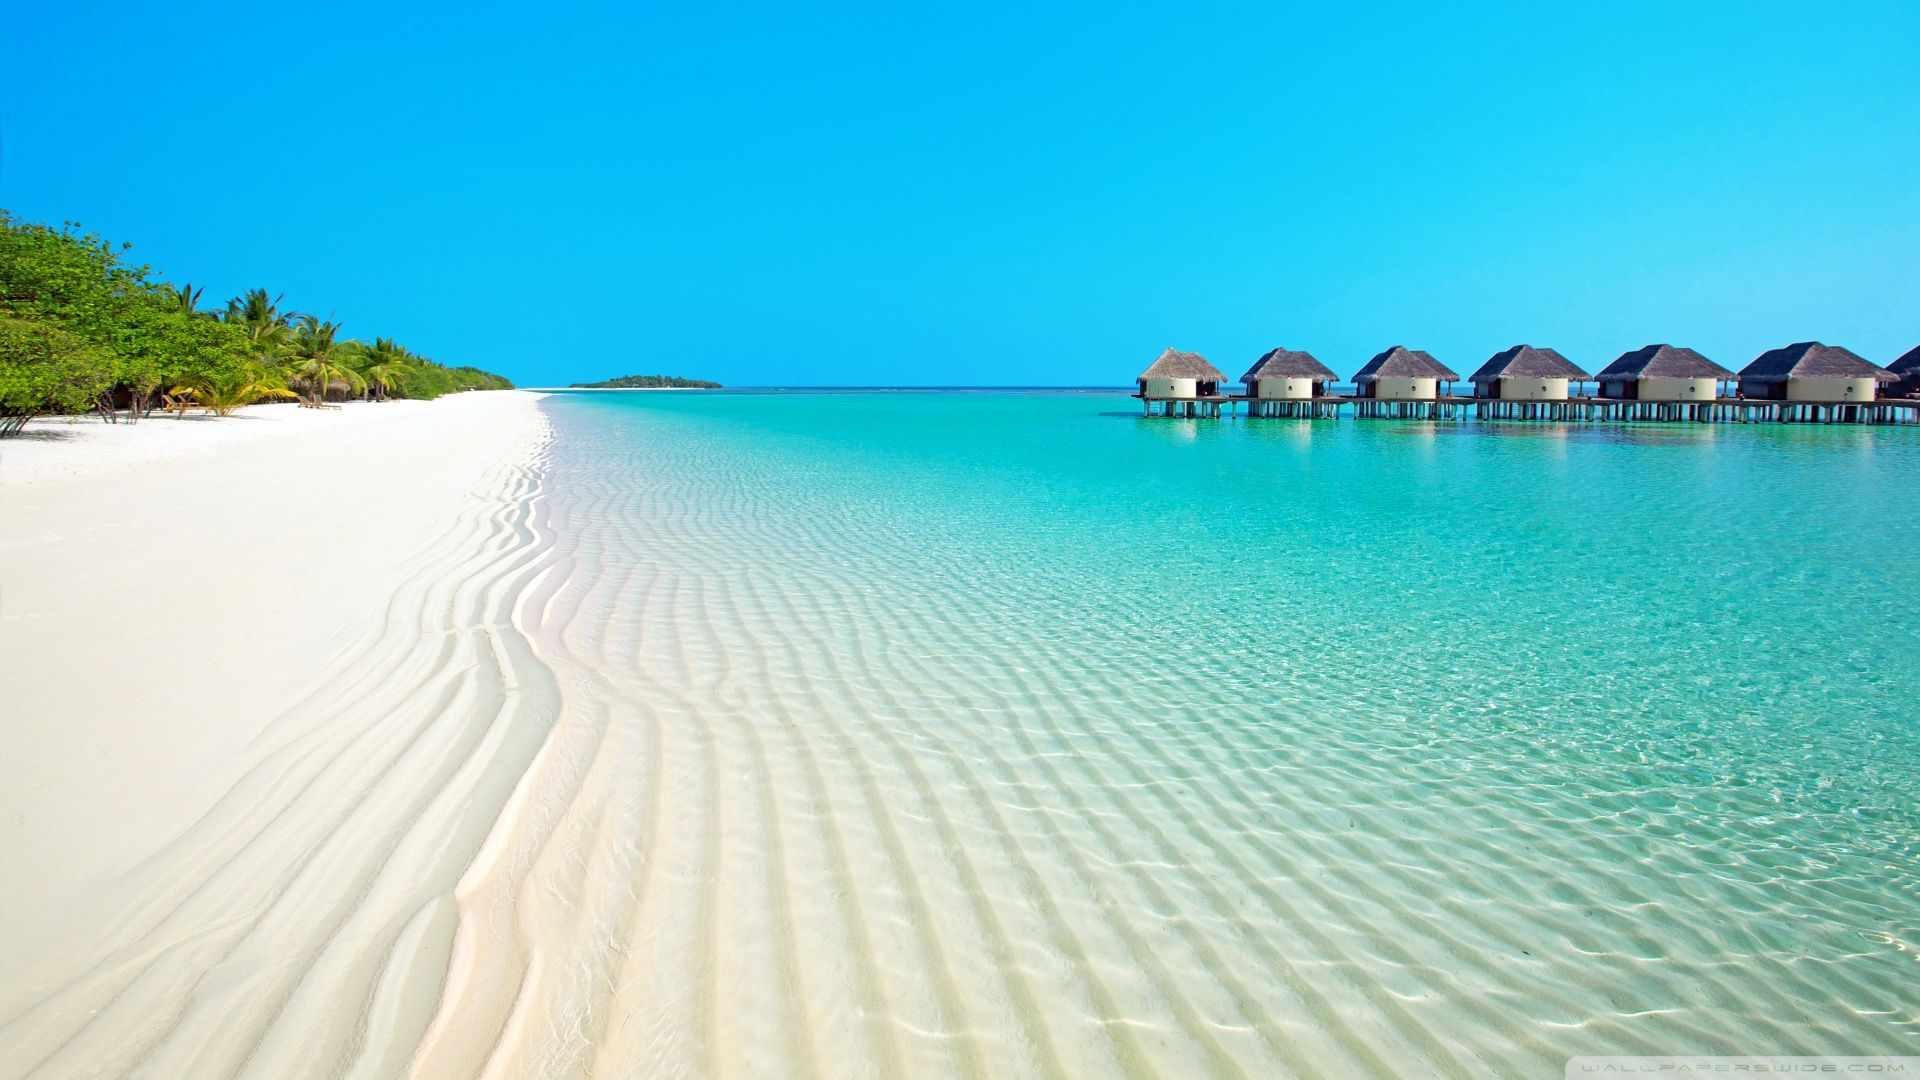 The Maldives Beach